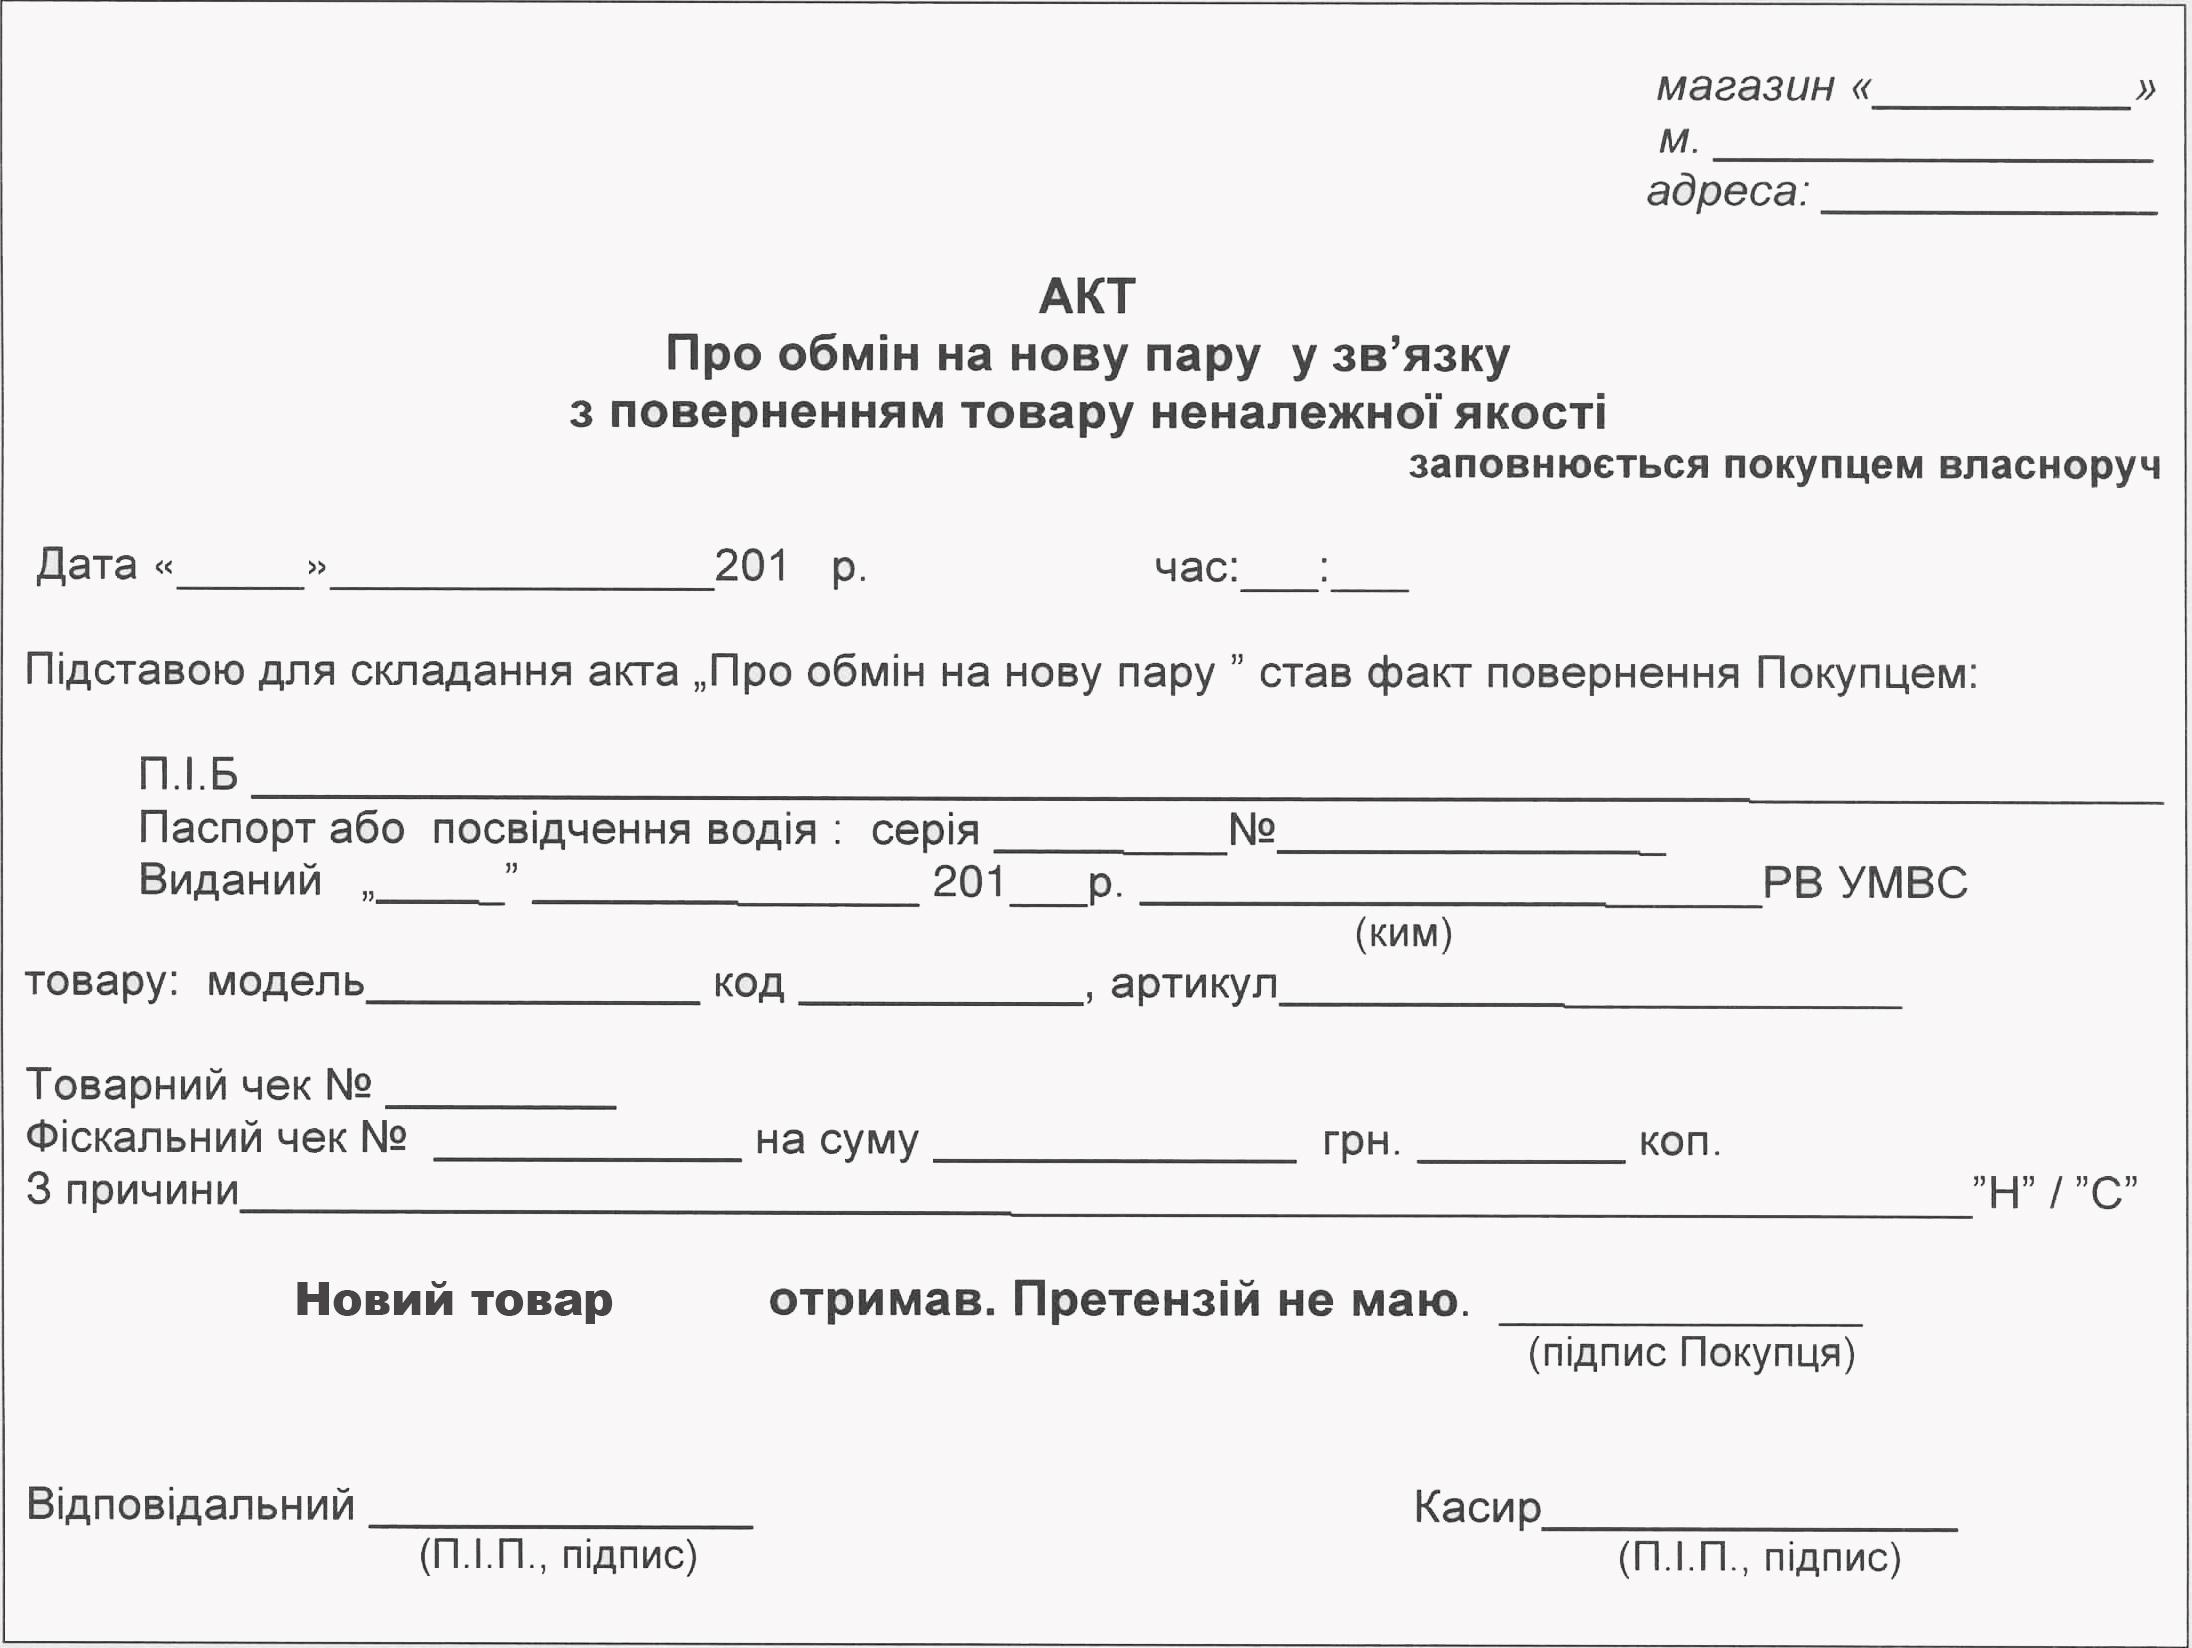 vozvrat-tovarov-v-roznichnyx-magazinax1